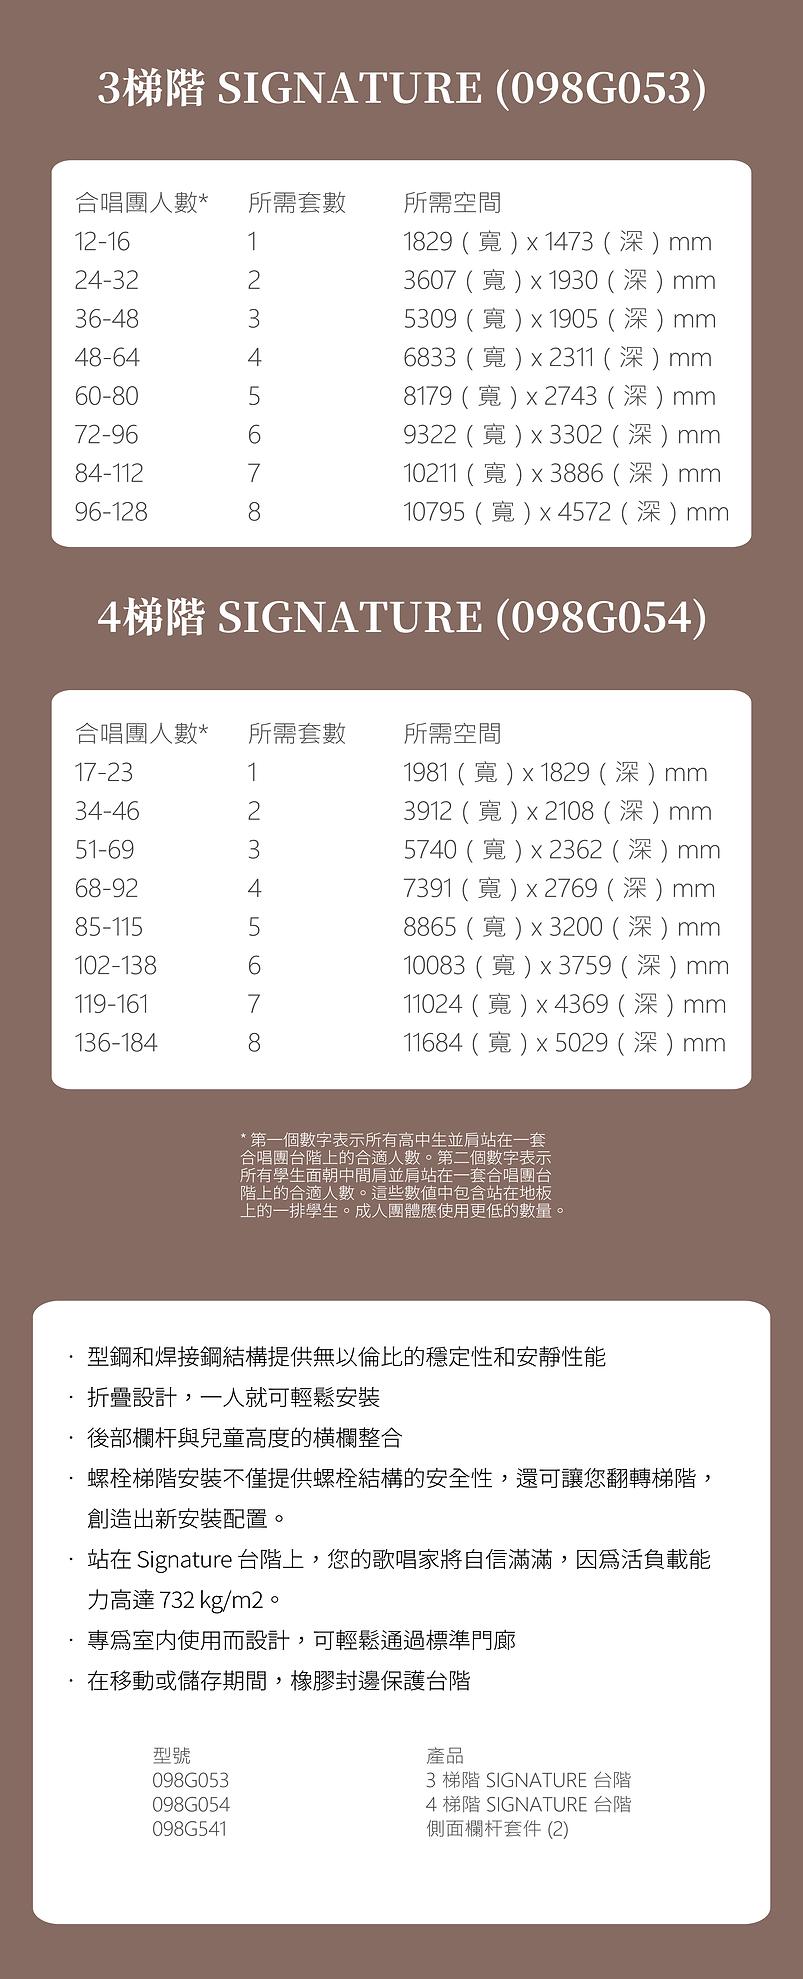 signature-3拷貝.png